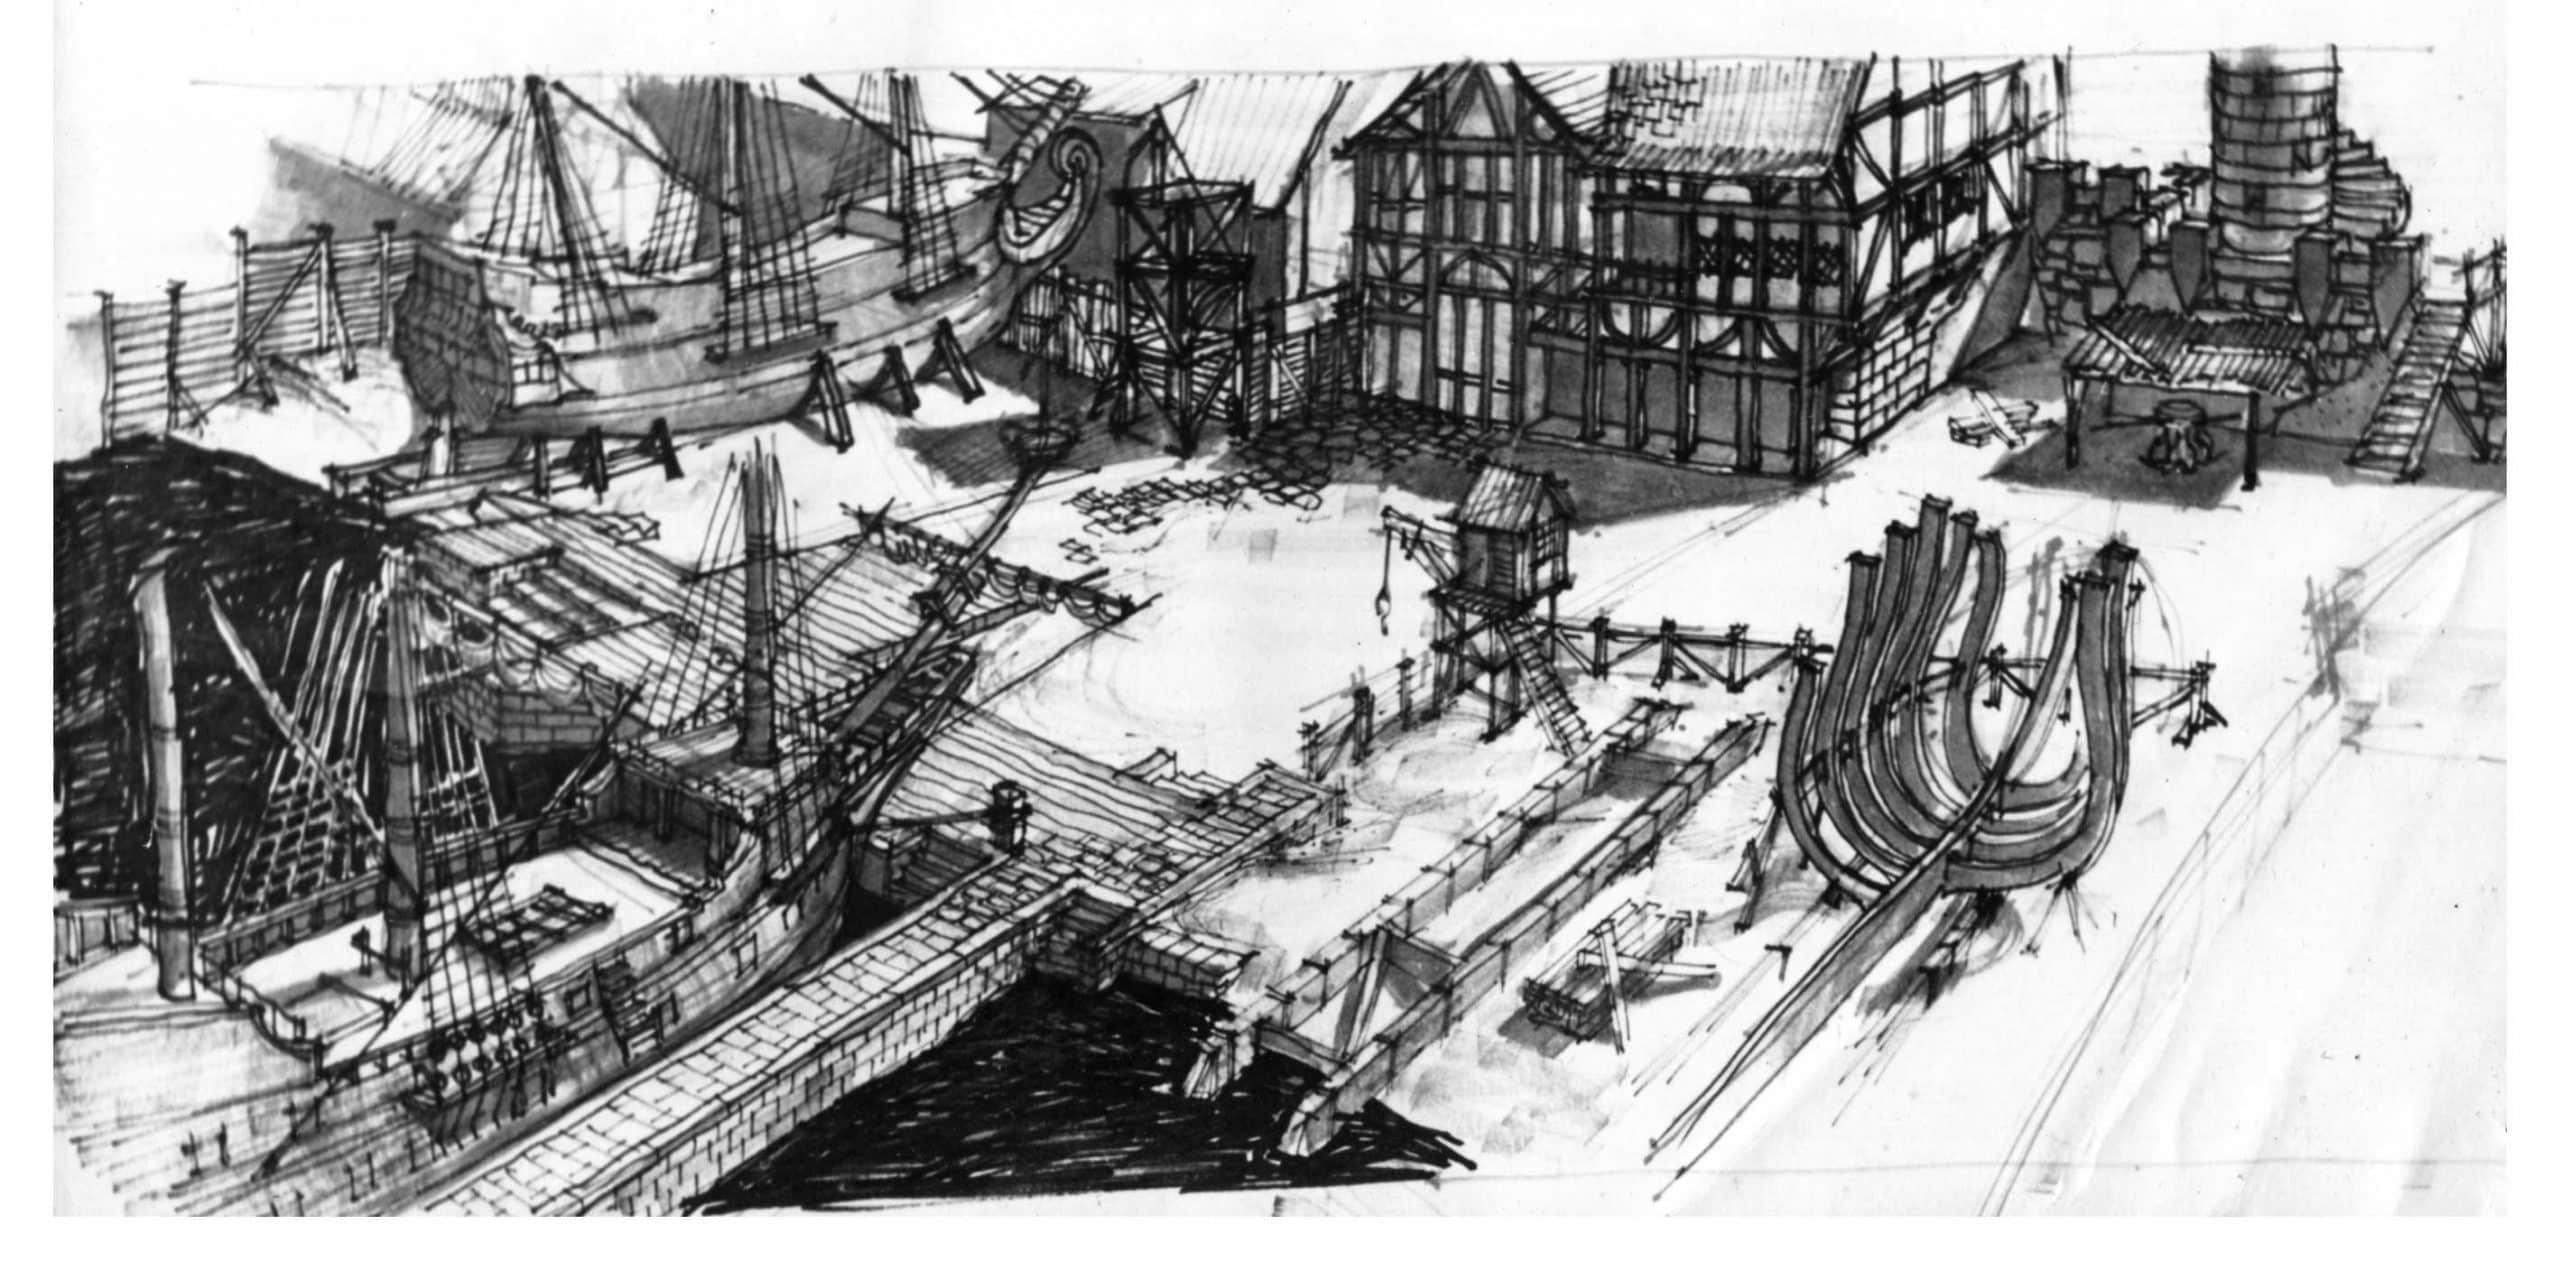 10 - Scenografia e arredamento del film Il dominatore dei sette mari, per Adelphia Cinematografica -  Studio di esterni